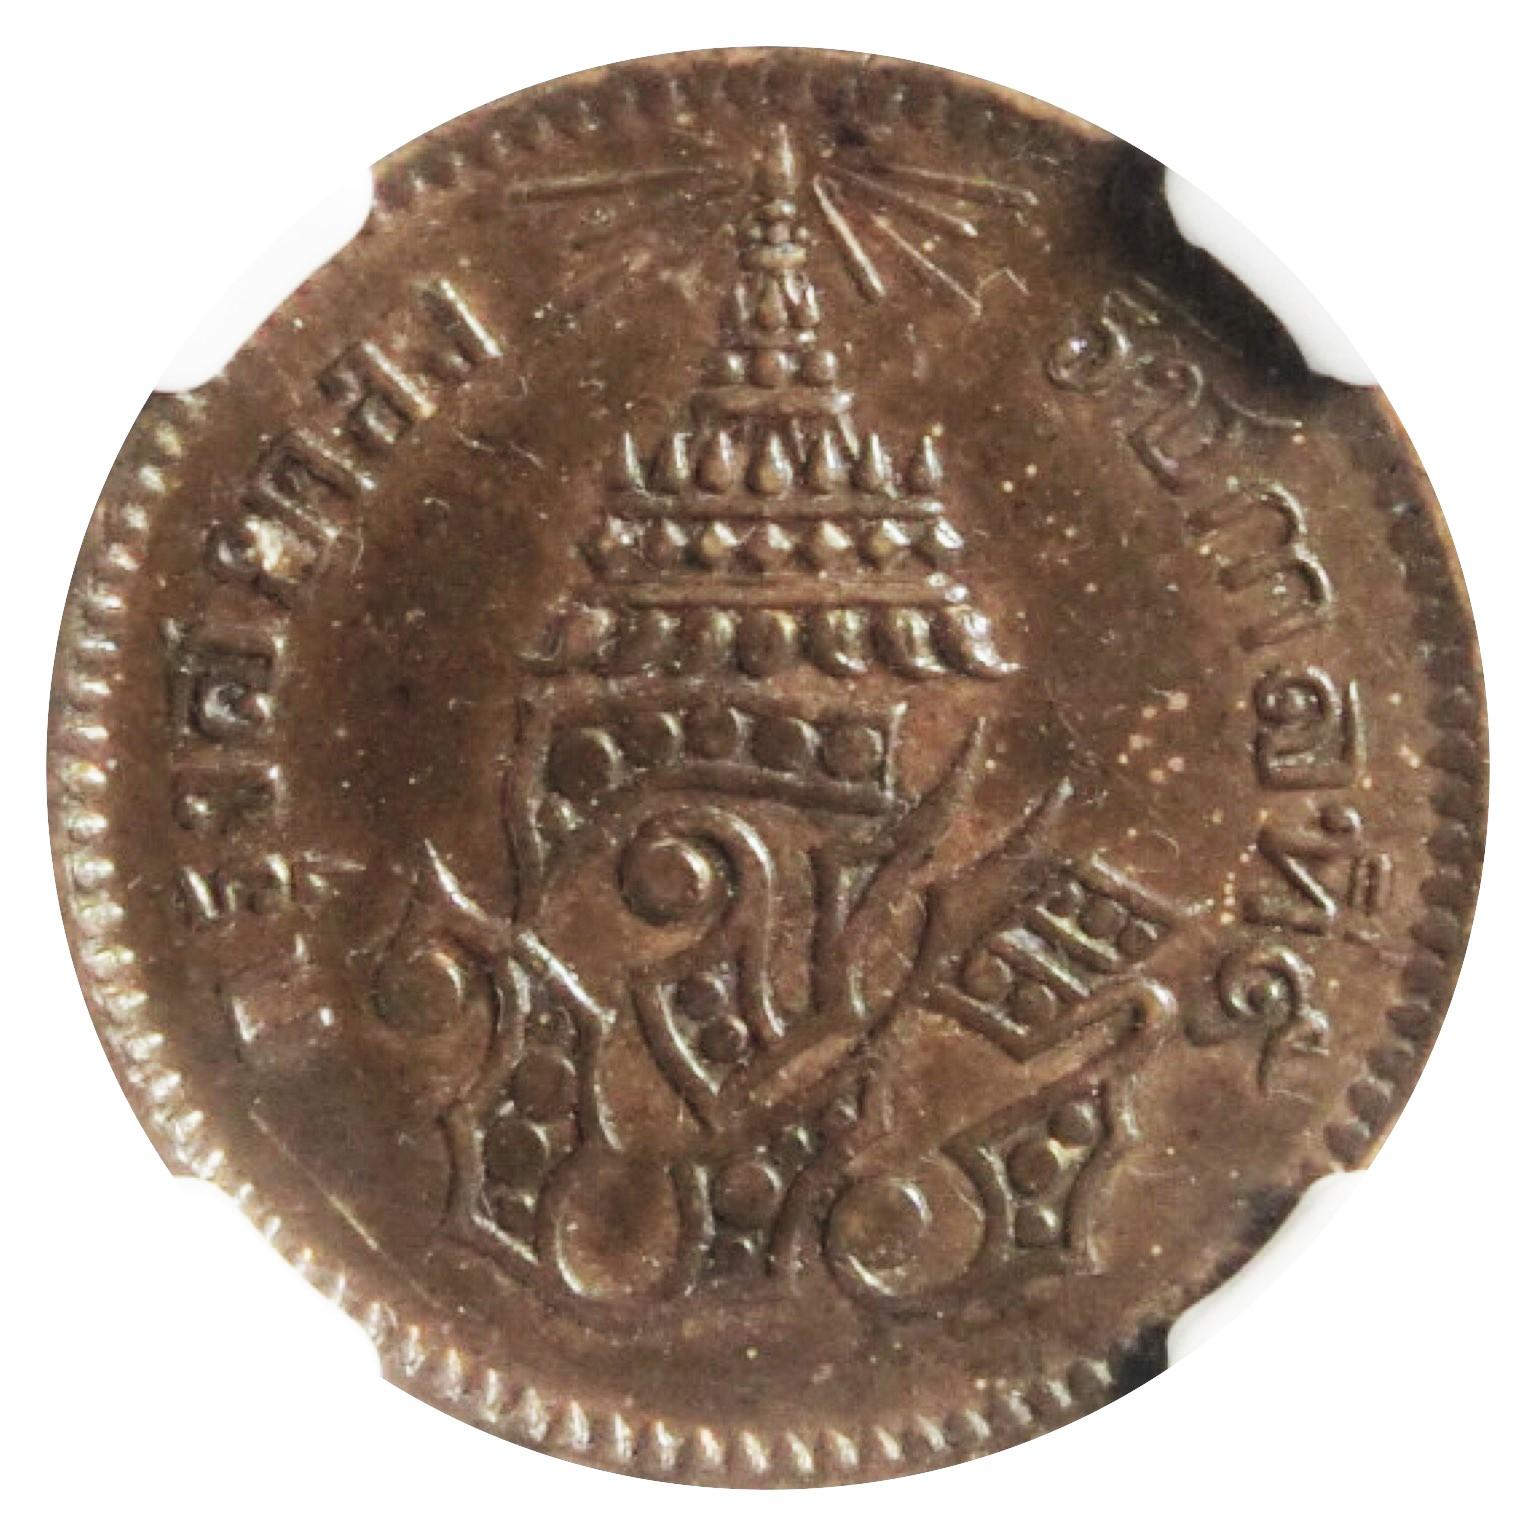 เหรียญกษาปณ์ทองแดง จปร. รัชกาลที่๕ ชนิดราคา หนึ่งโสฬส จศ.1236